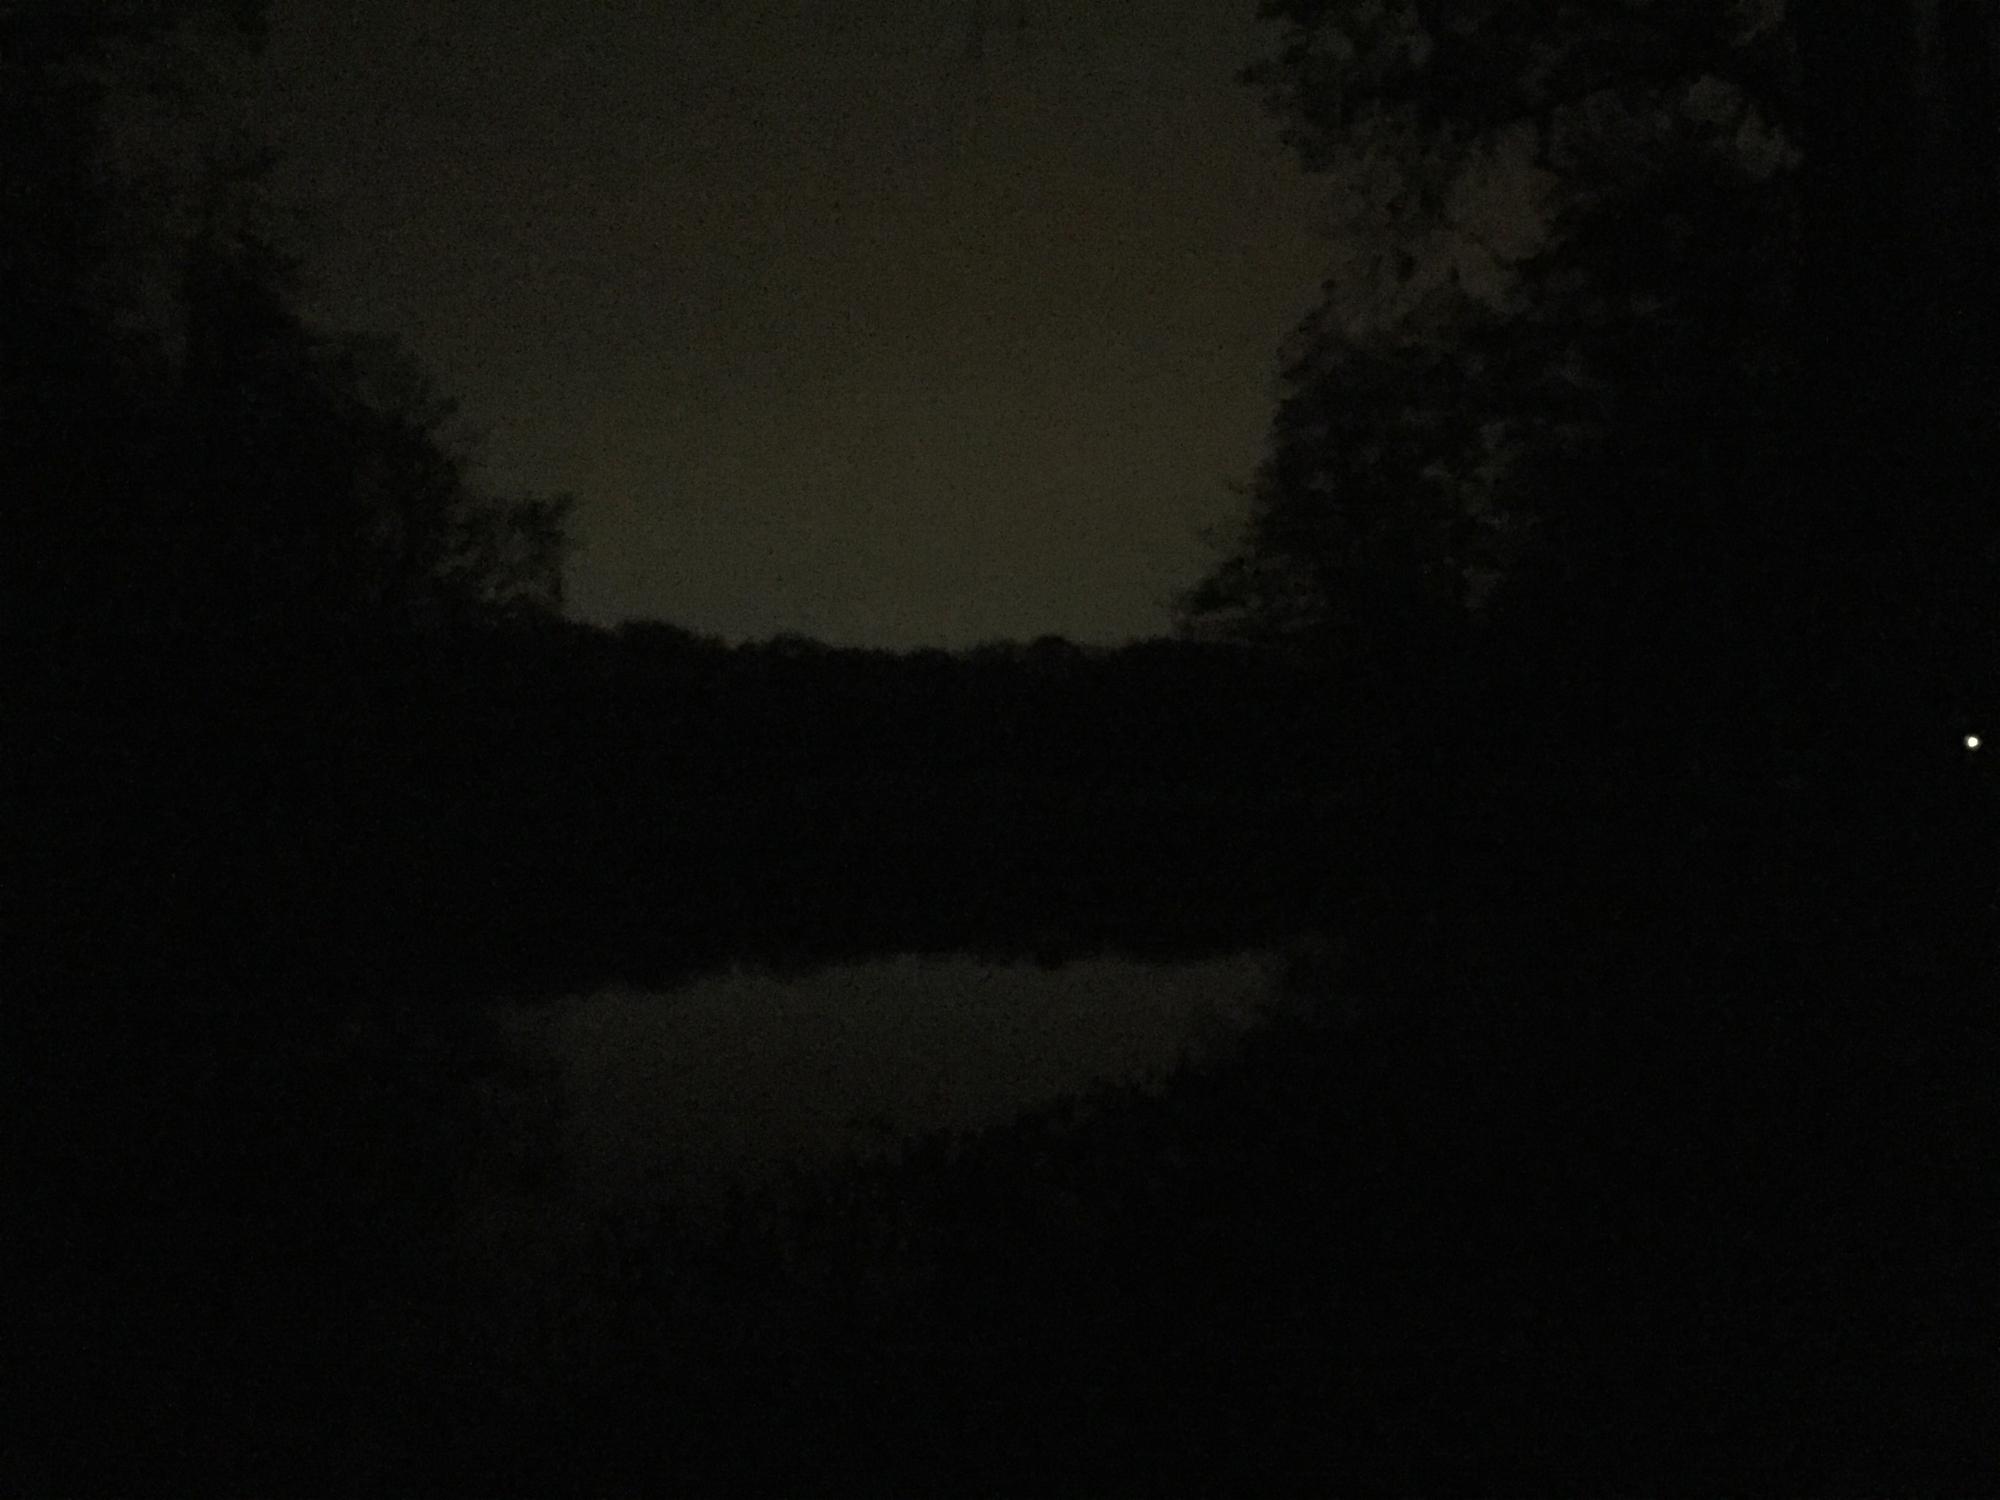 Der Jungfernheideteich bei Dunkelheit, fotografiert mit einem iPhone 6.